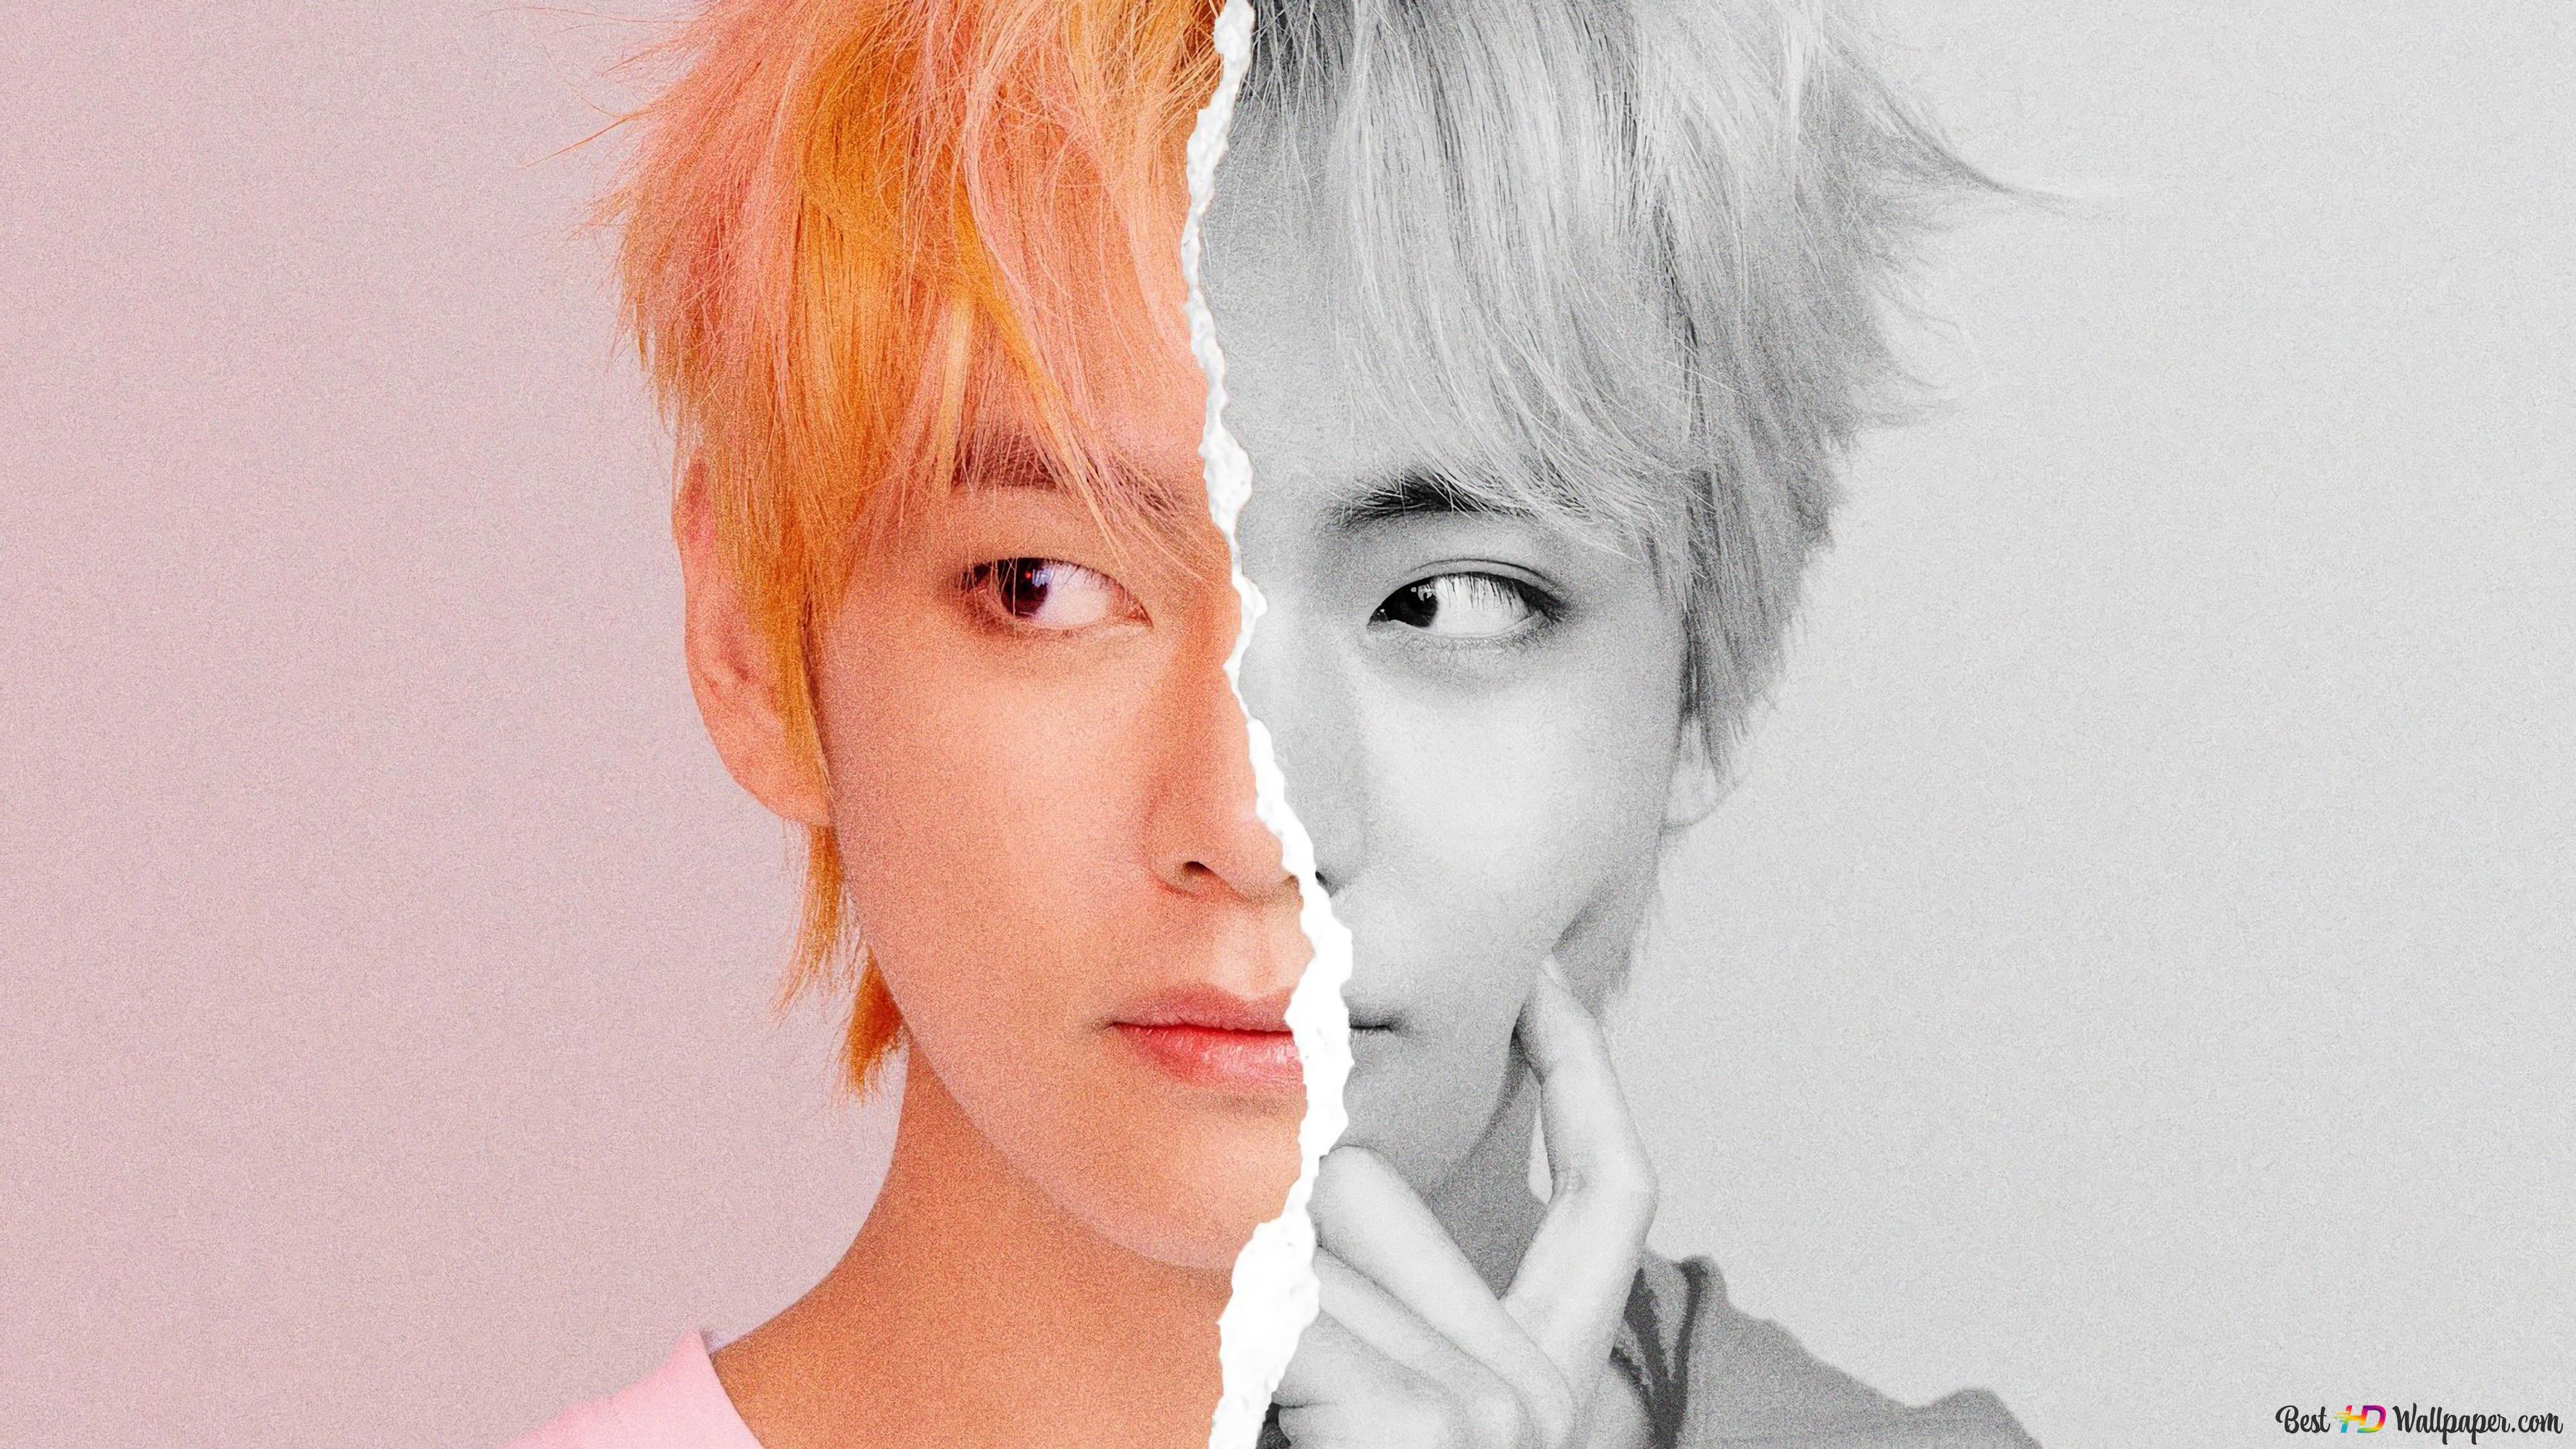 k pop band bts idol v kim tae hyung wallpaper 3554x1999 53628 53